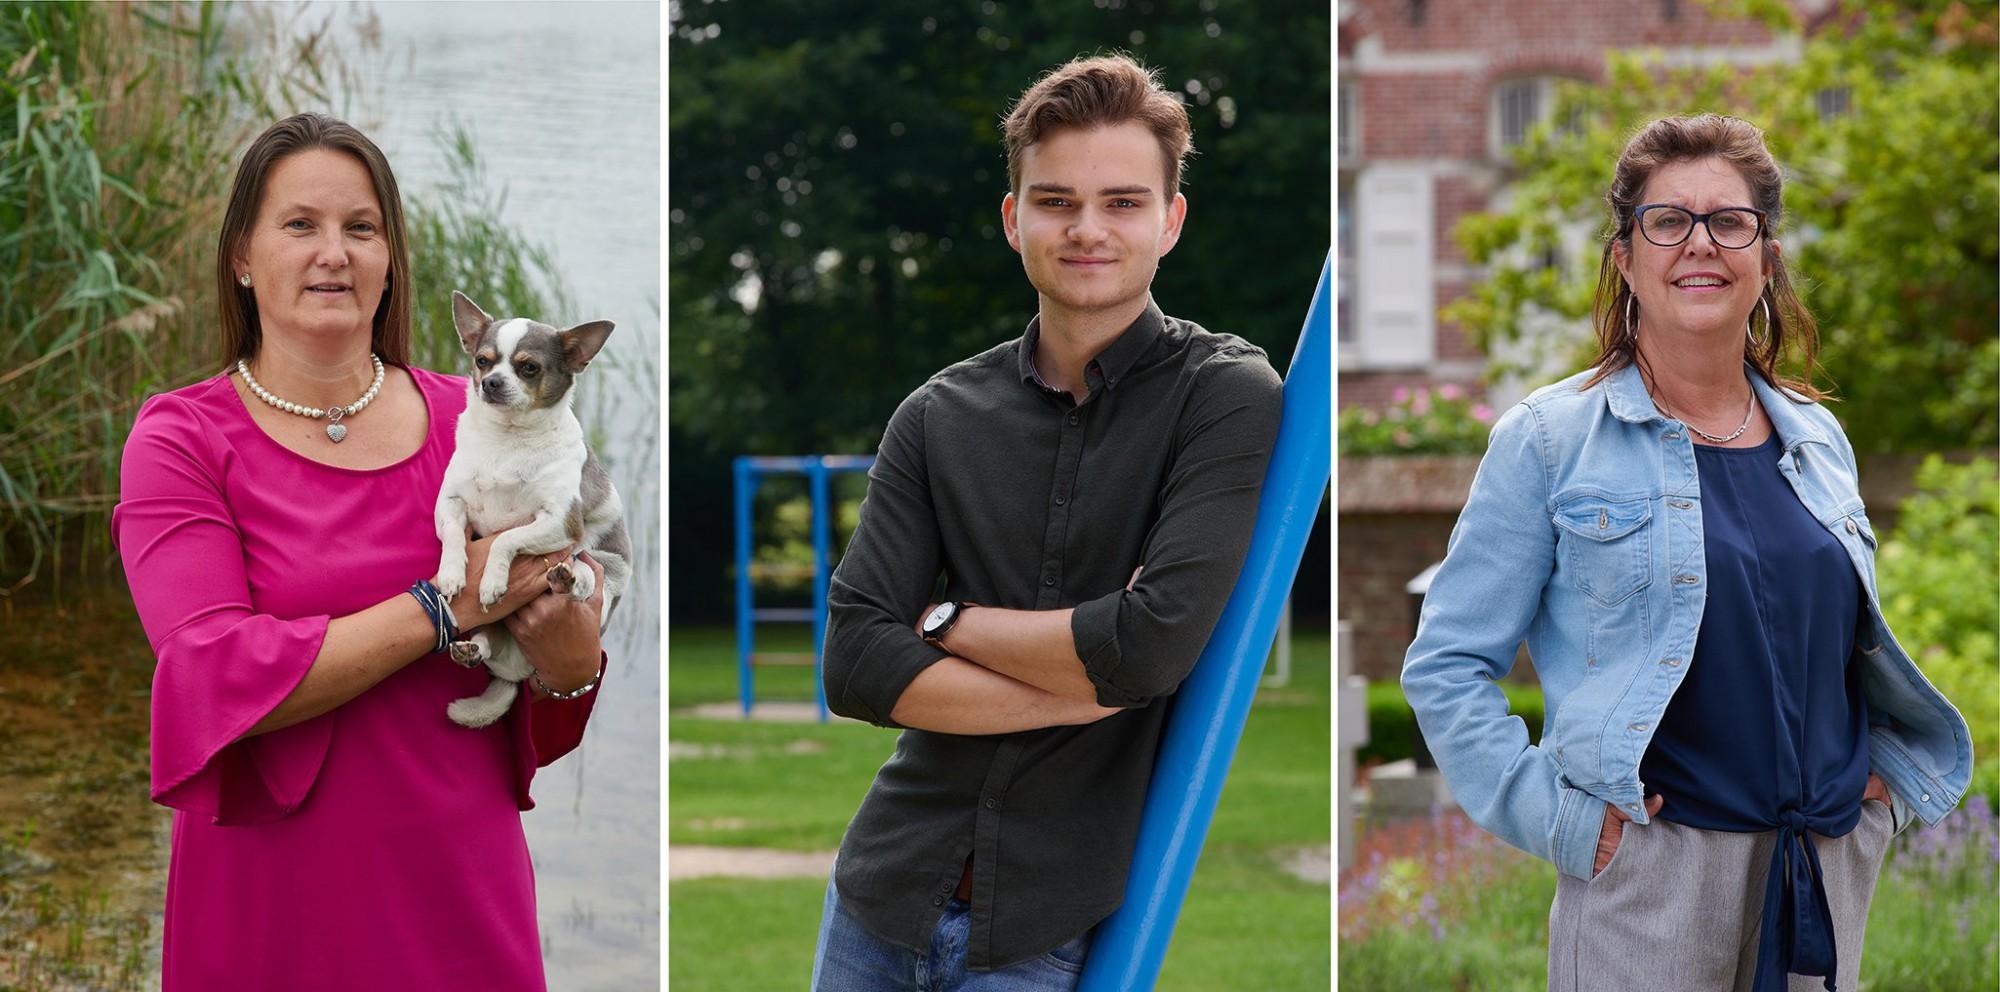 Afbeelding: Profielfoto op locatie voor verkiezingscampagne Hoogstraten Leeft.